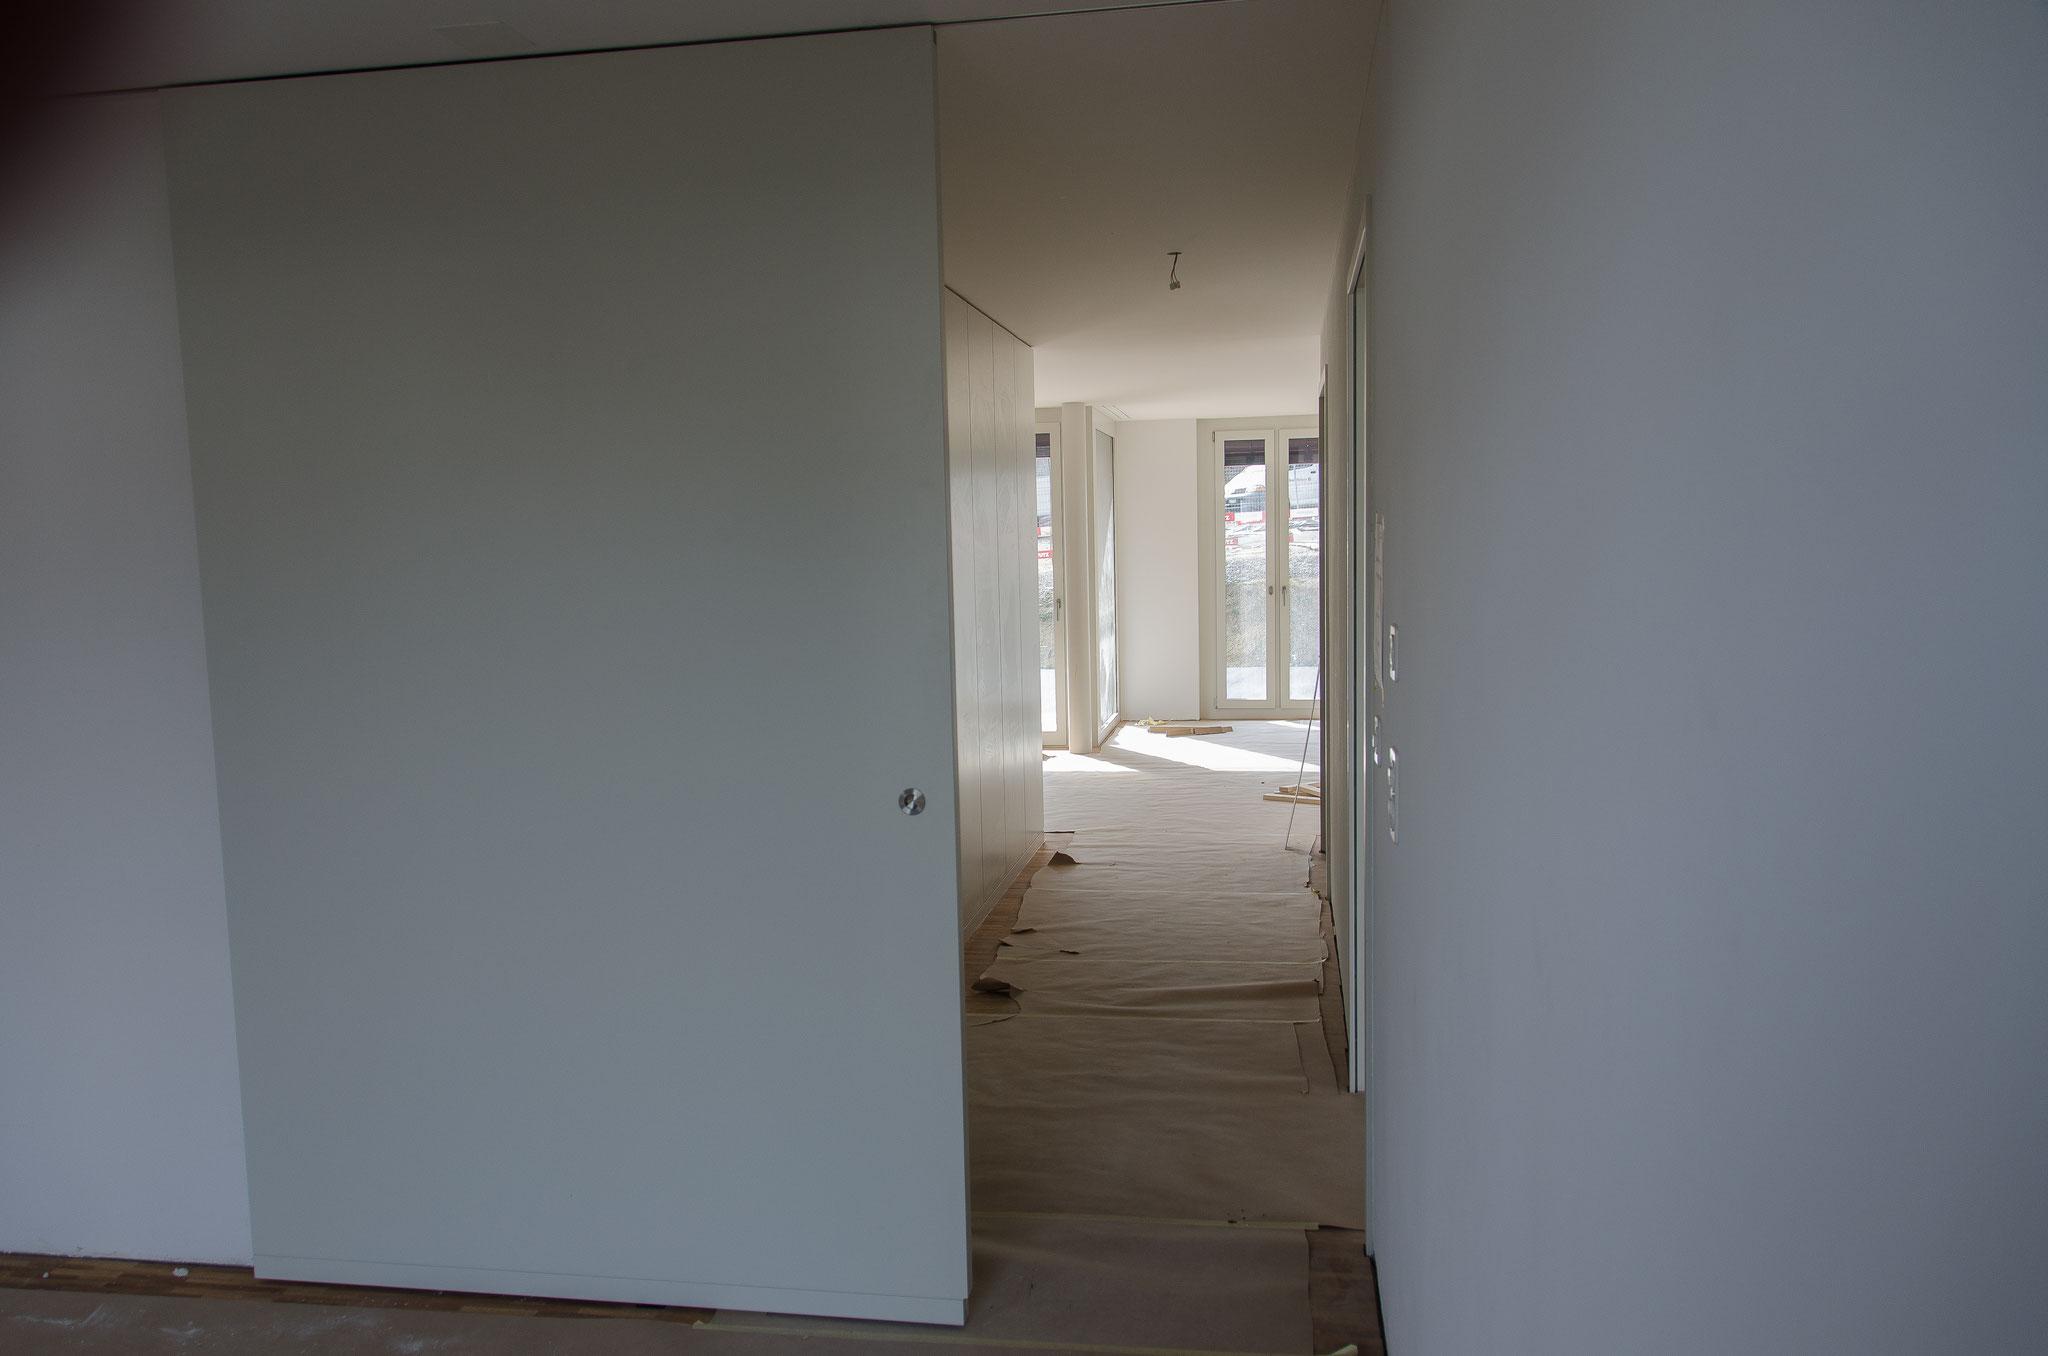 Die Wandschränke im Eingangsbereich sowie die Schiebetüren zum nördlich gelegenen  Wohnraum sind in den ersten Wohnungen montiert.